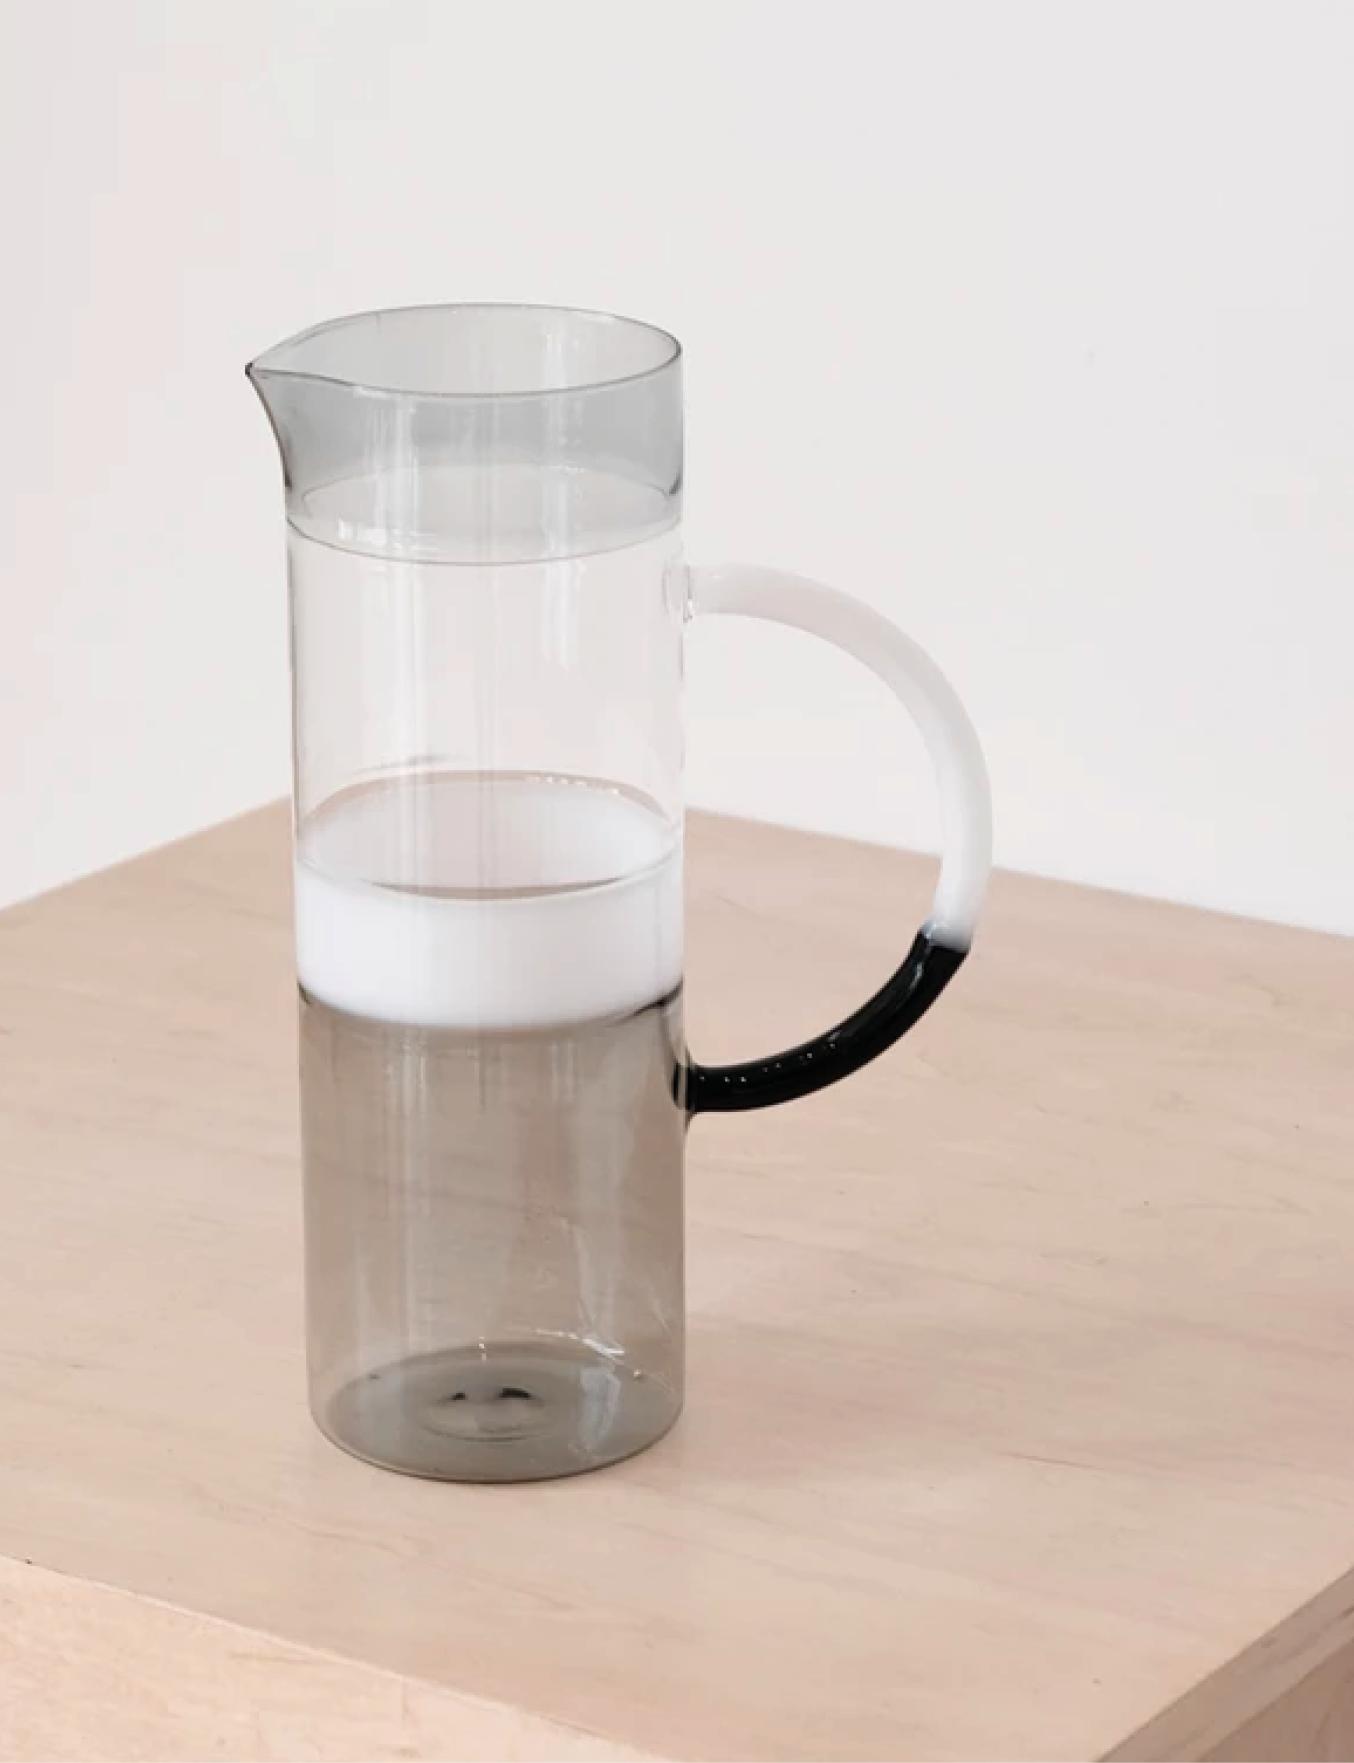 Pichet cylindrique en verre